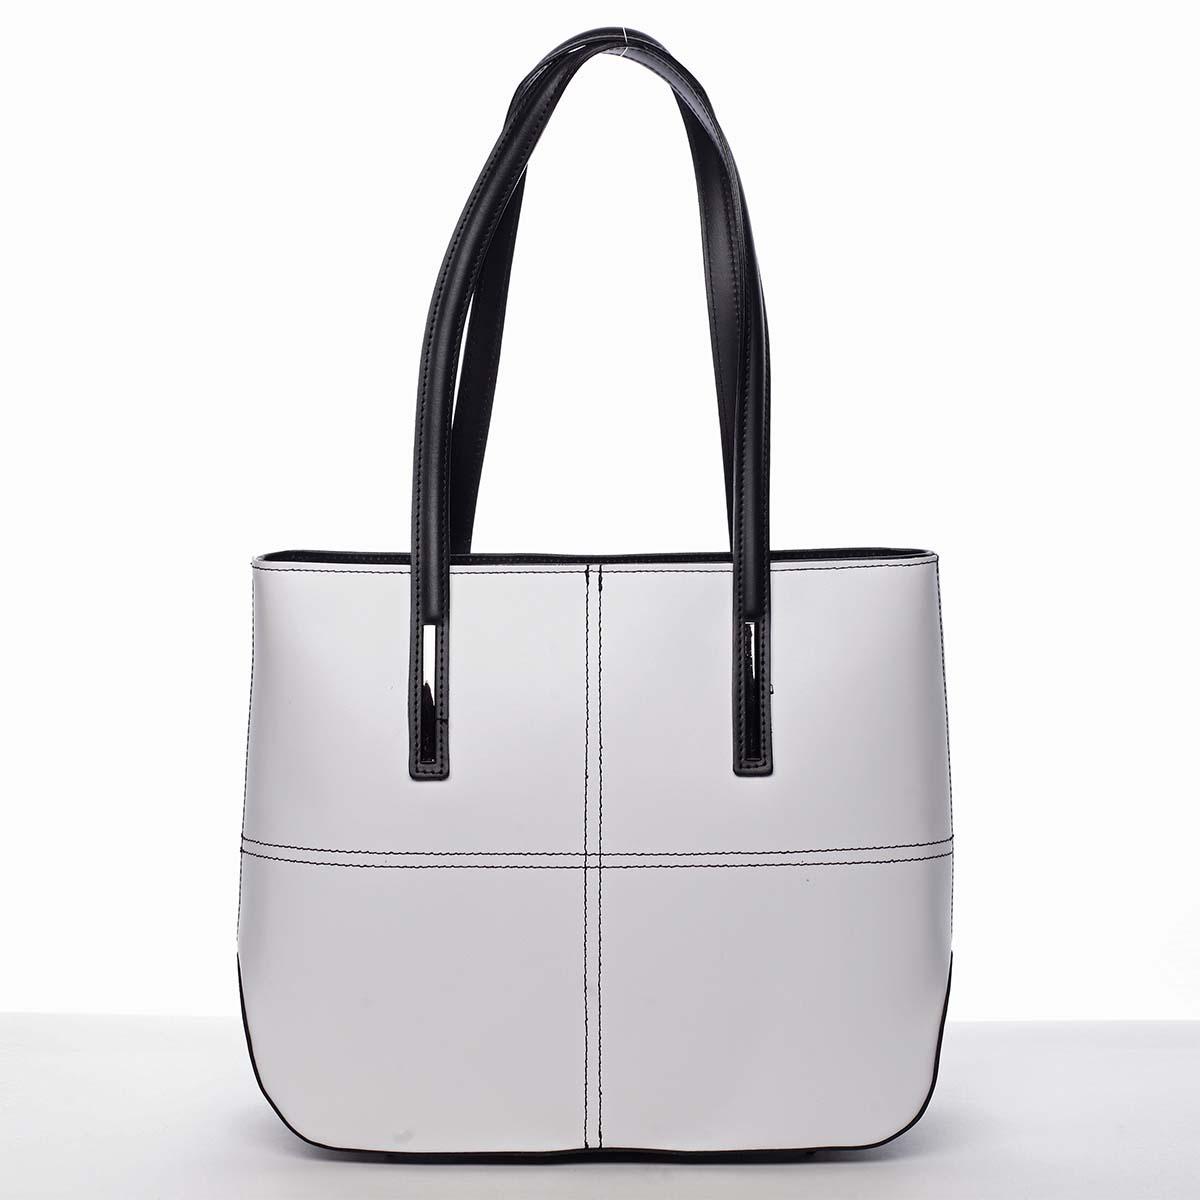 Moderní dámská kožená kabelka bílo černá - ItalY Adalicia